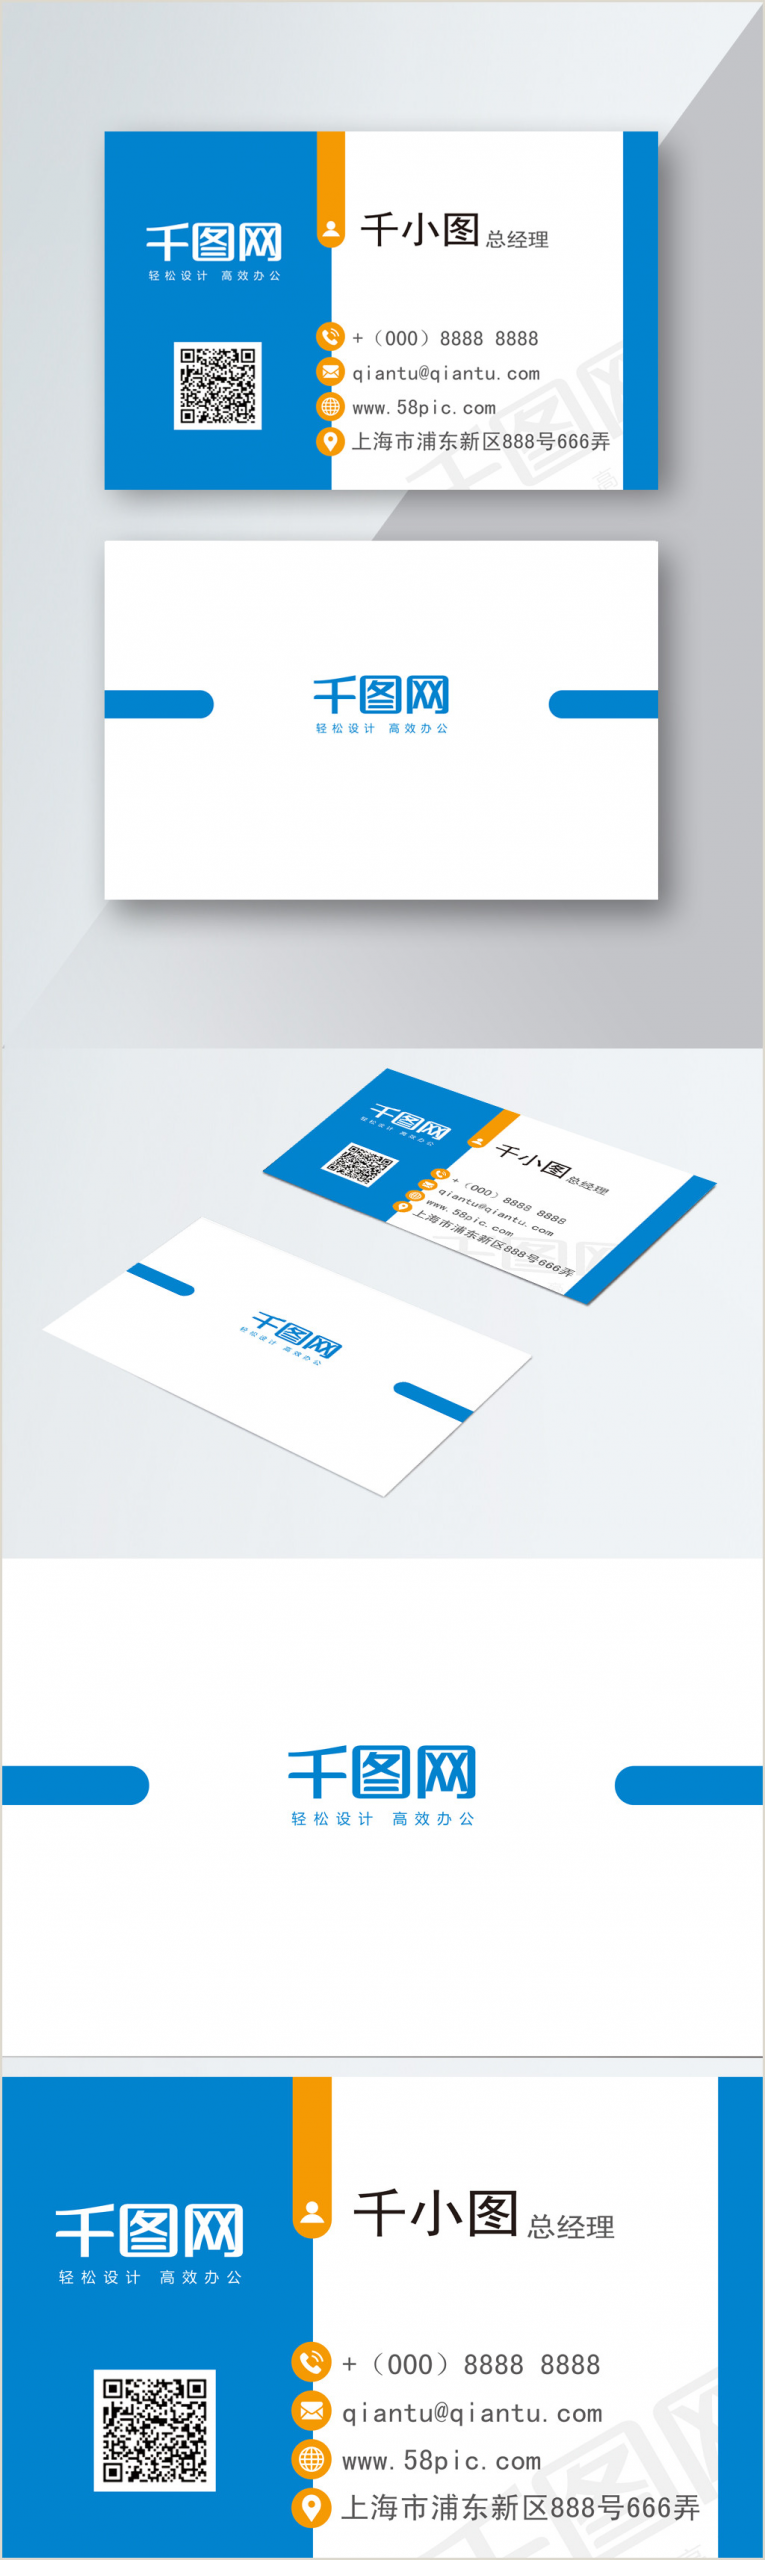 Unique Business Cards Templates Unique Business Card Template Image Picture Free